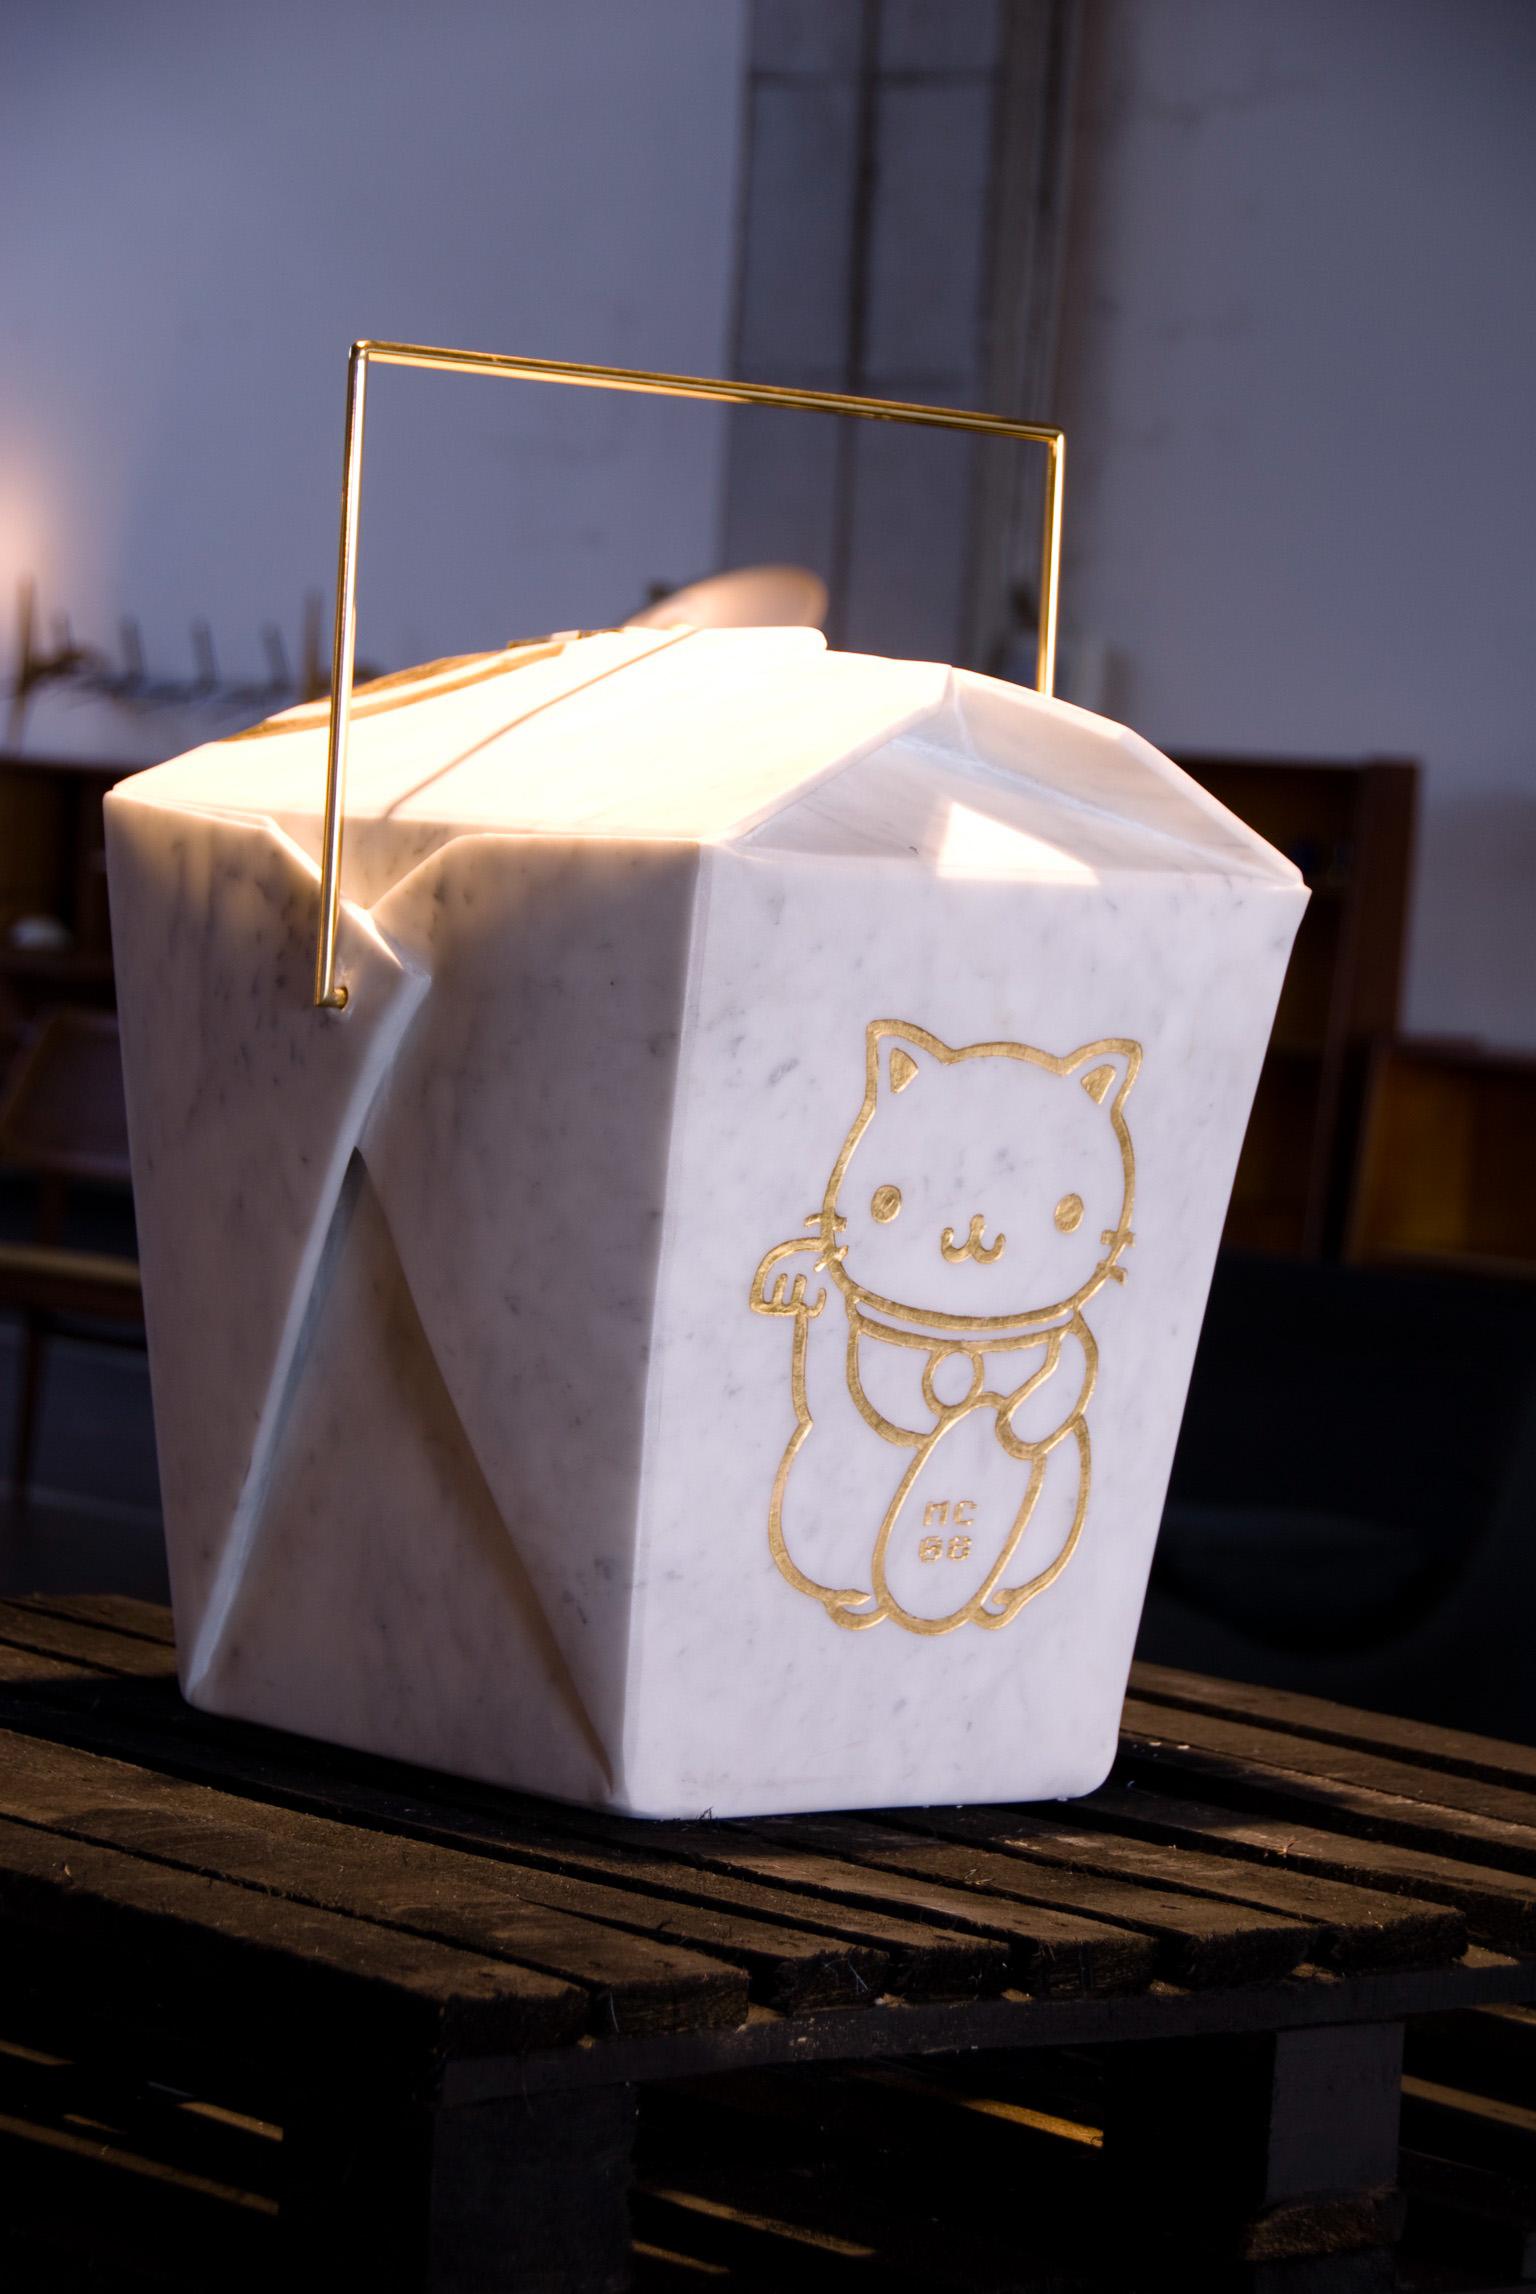 Michele Chiossi Good Food, 2008 marmo bianco statuario, ottone lucidato, foglia d'oro gattino gatto Maneki Neko Giappone oriente Asia cibo d'asporto scultura origami contenitore design arte